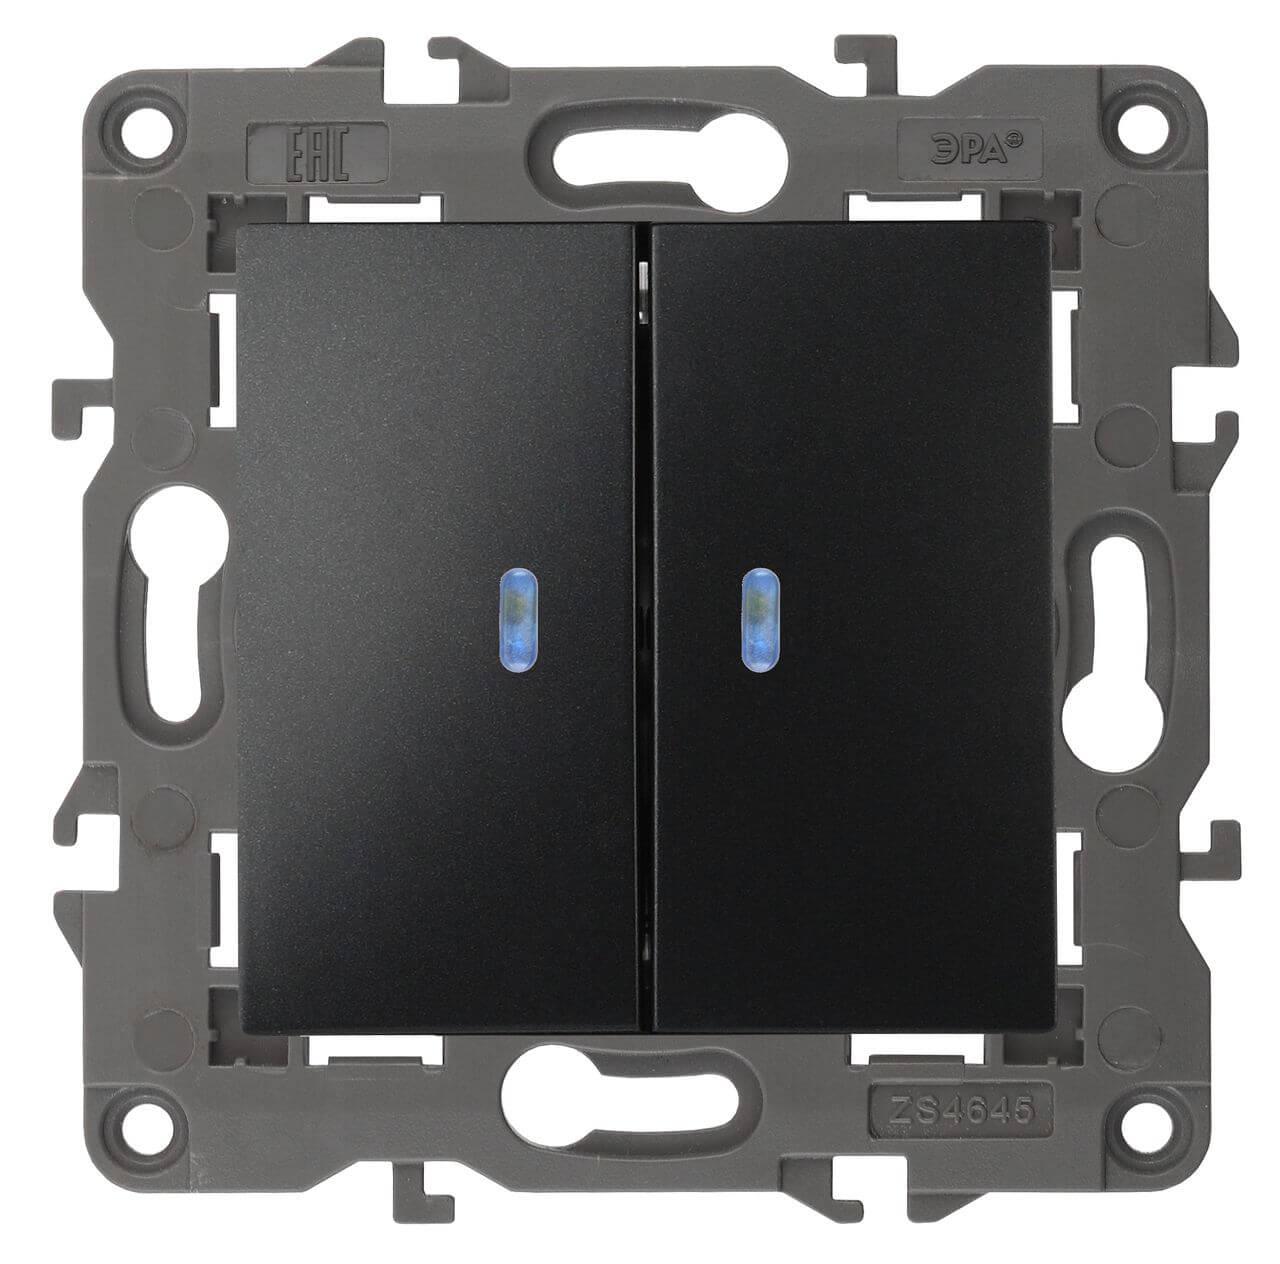 Выключатель двухклавишный с подсветкой ЭРА Elegance 10AX 250V 14-1105-05 цены